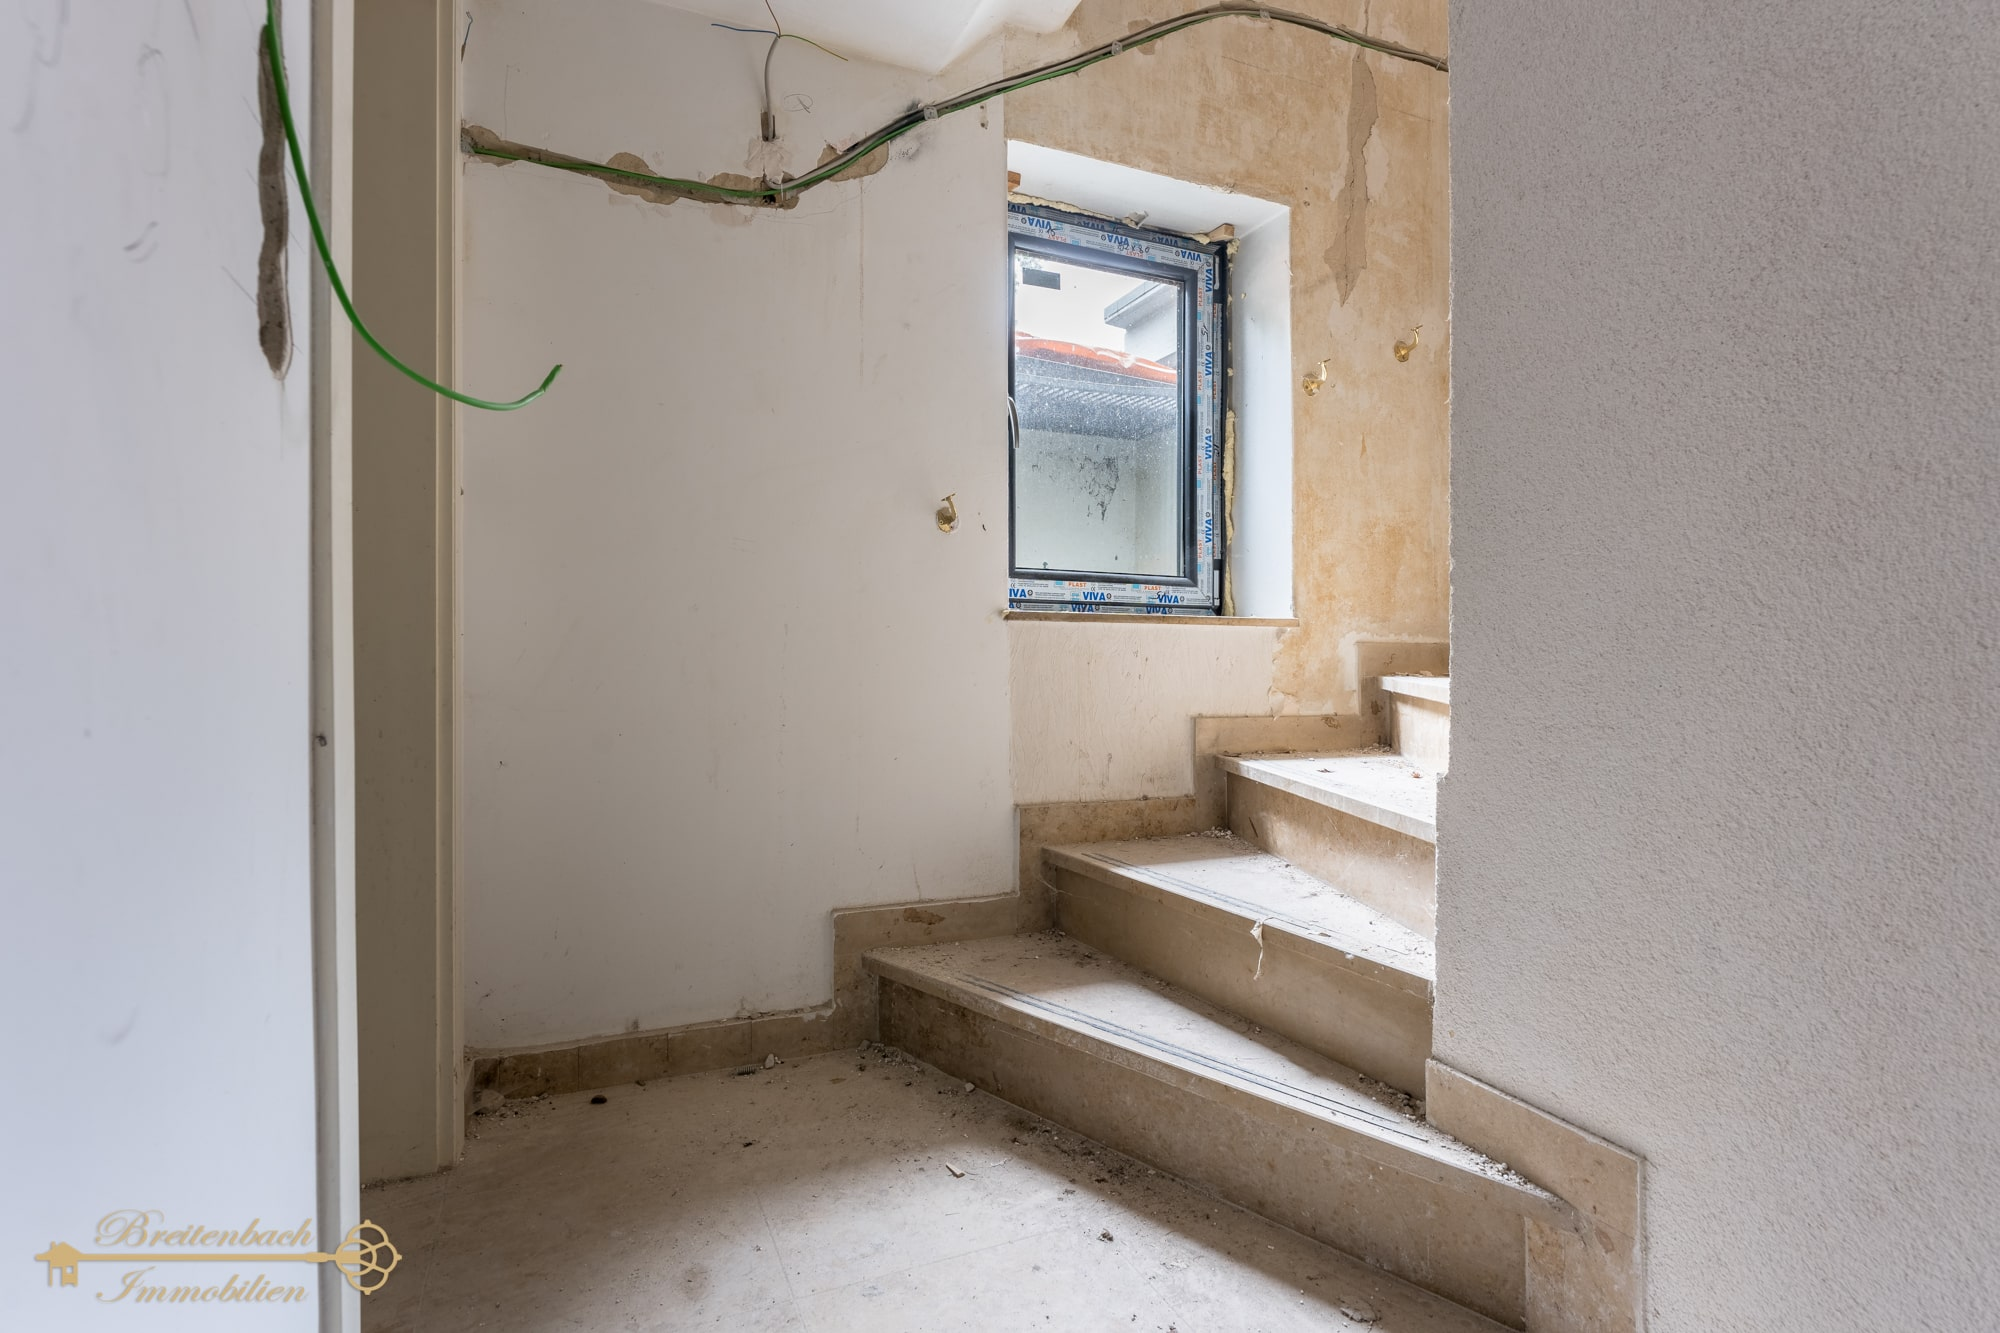 2021-06-06-Breitenbach-Immobilien-Makler-Bremen-17-min